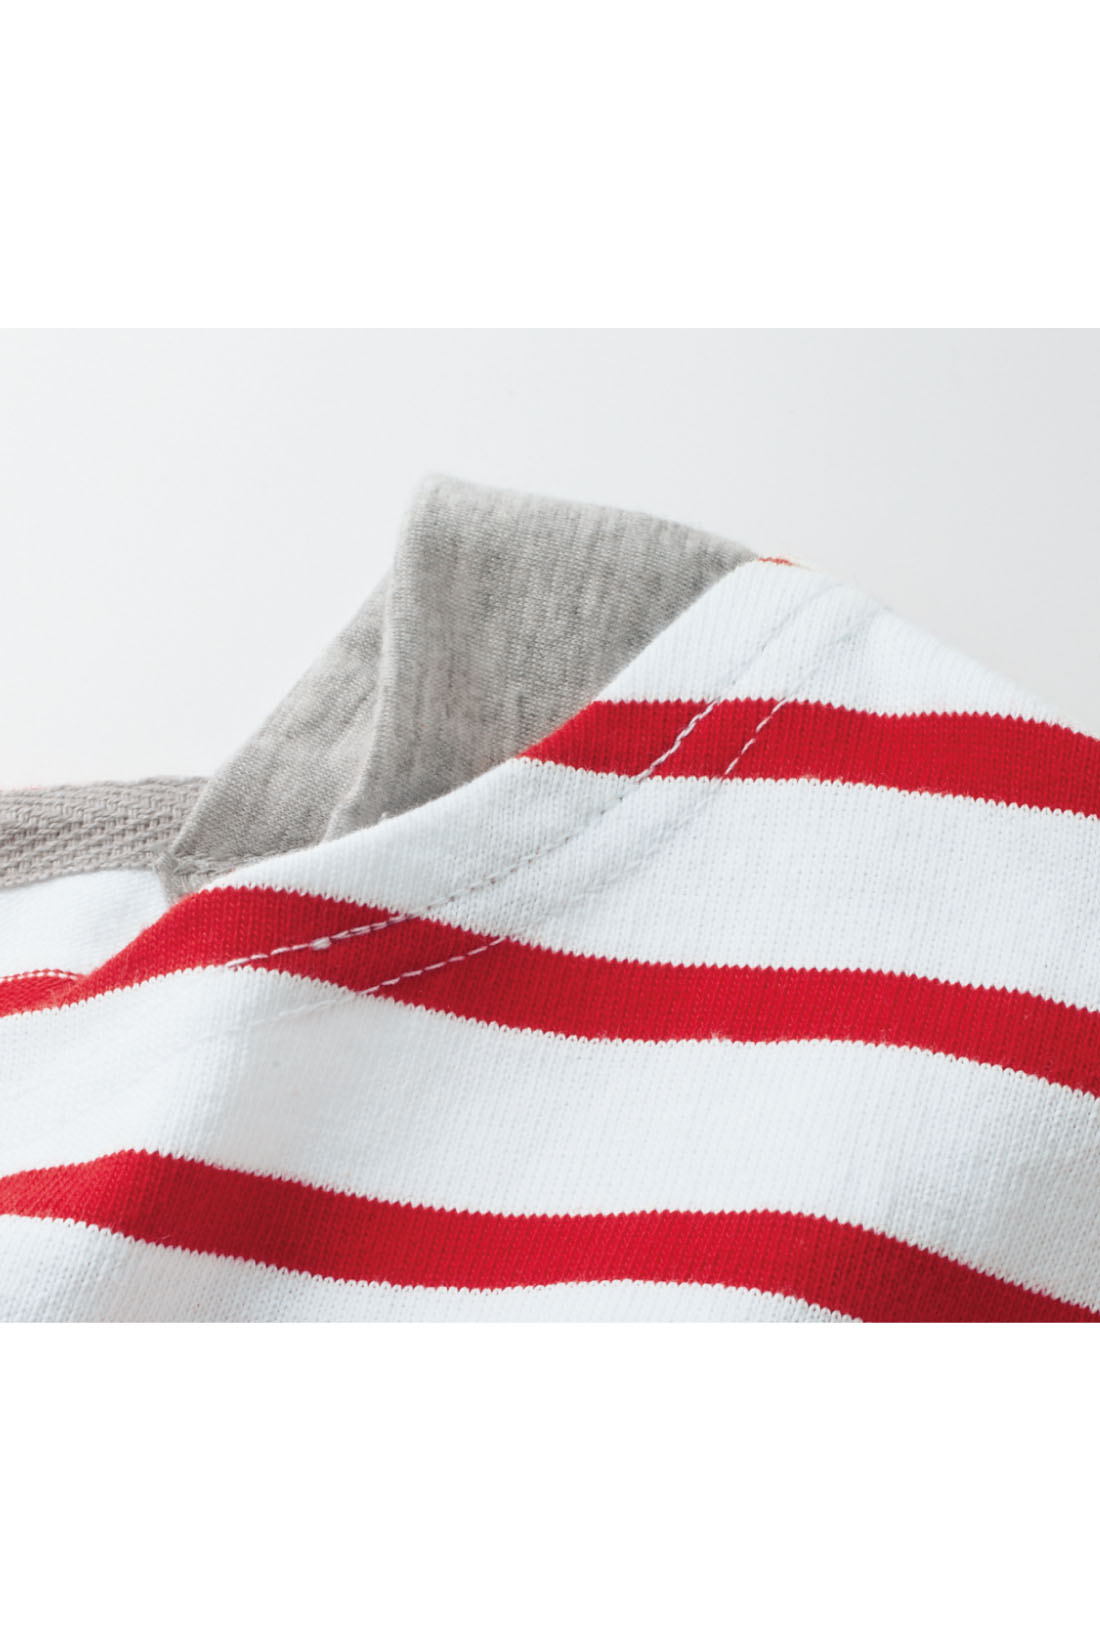 すっきり見えする広めの衿ぐりは肩当て付きで下着のチラ見えを防止。